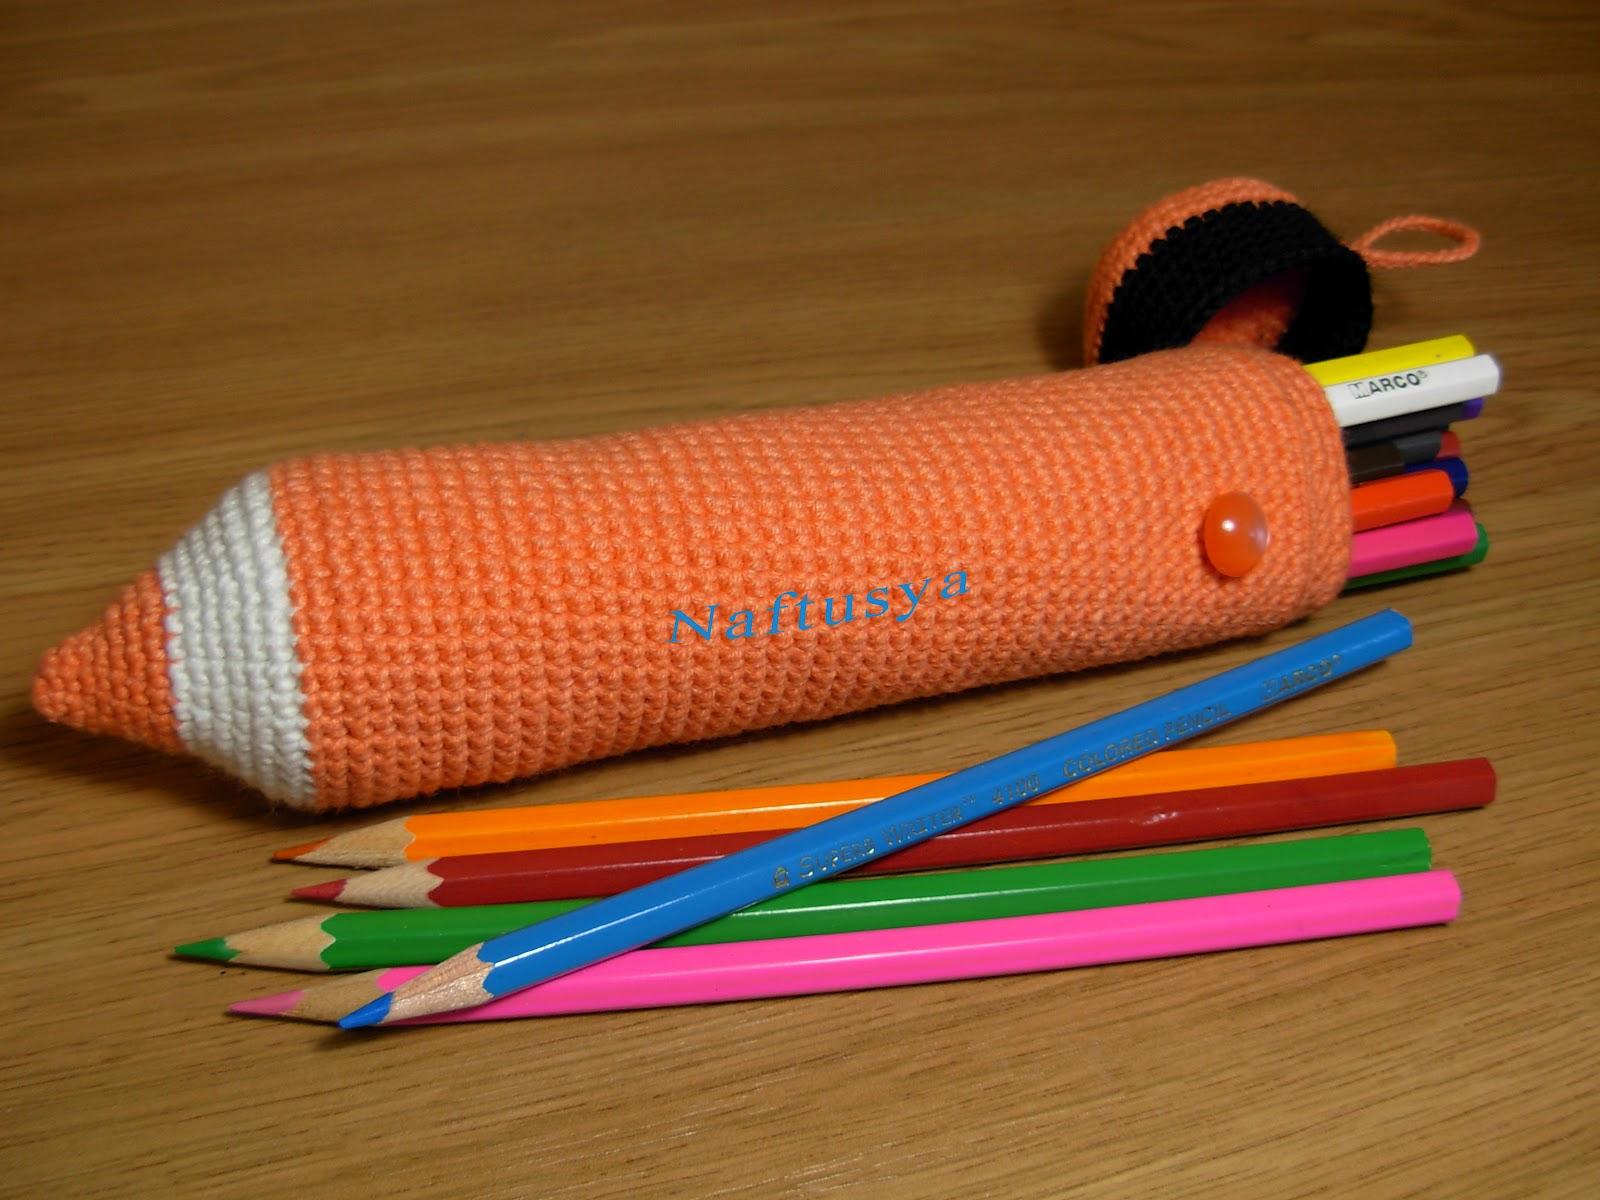 Как сделать карандаш своими руками - Секрет Мастера